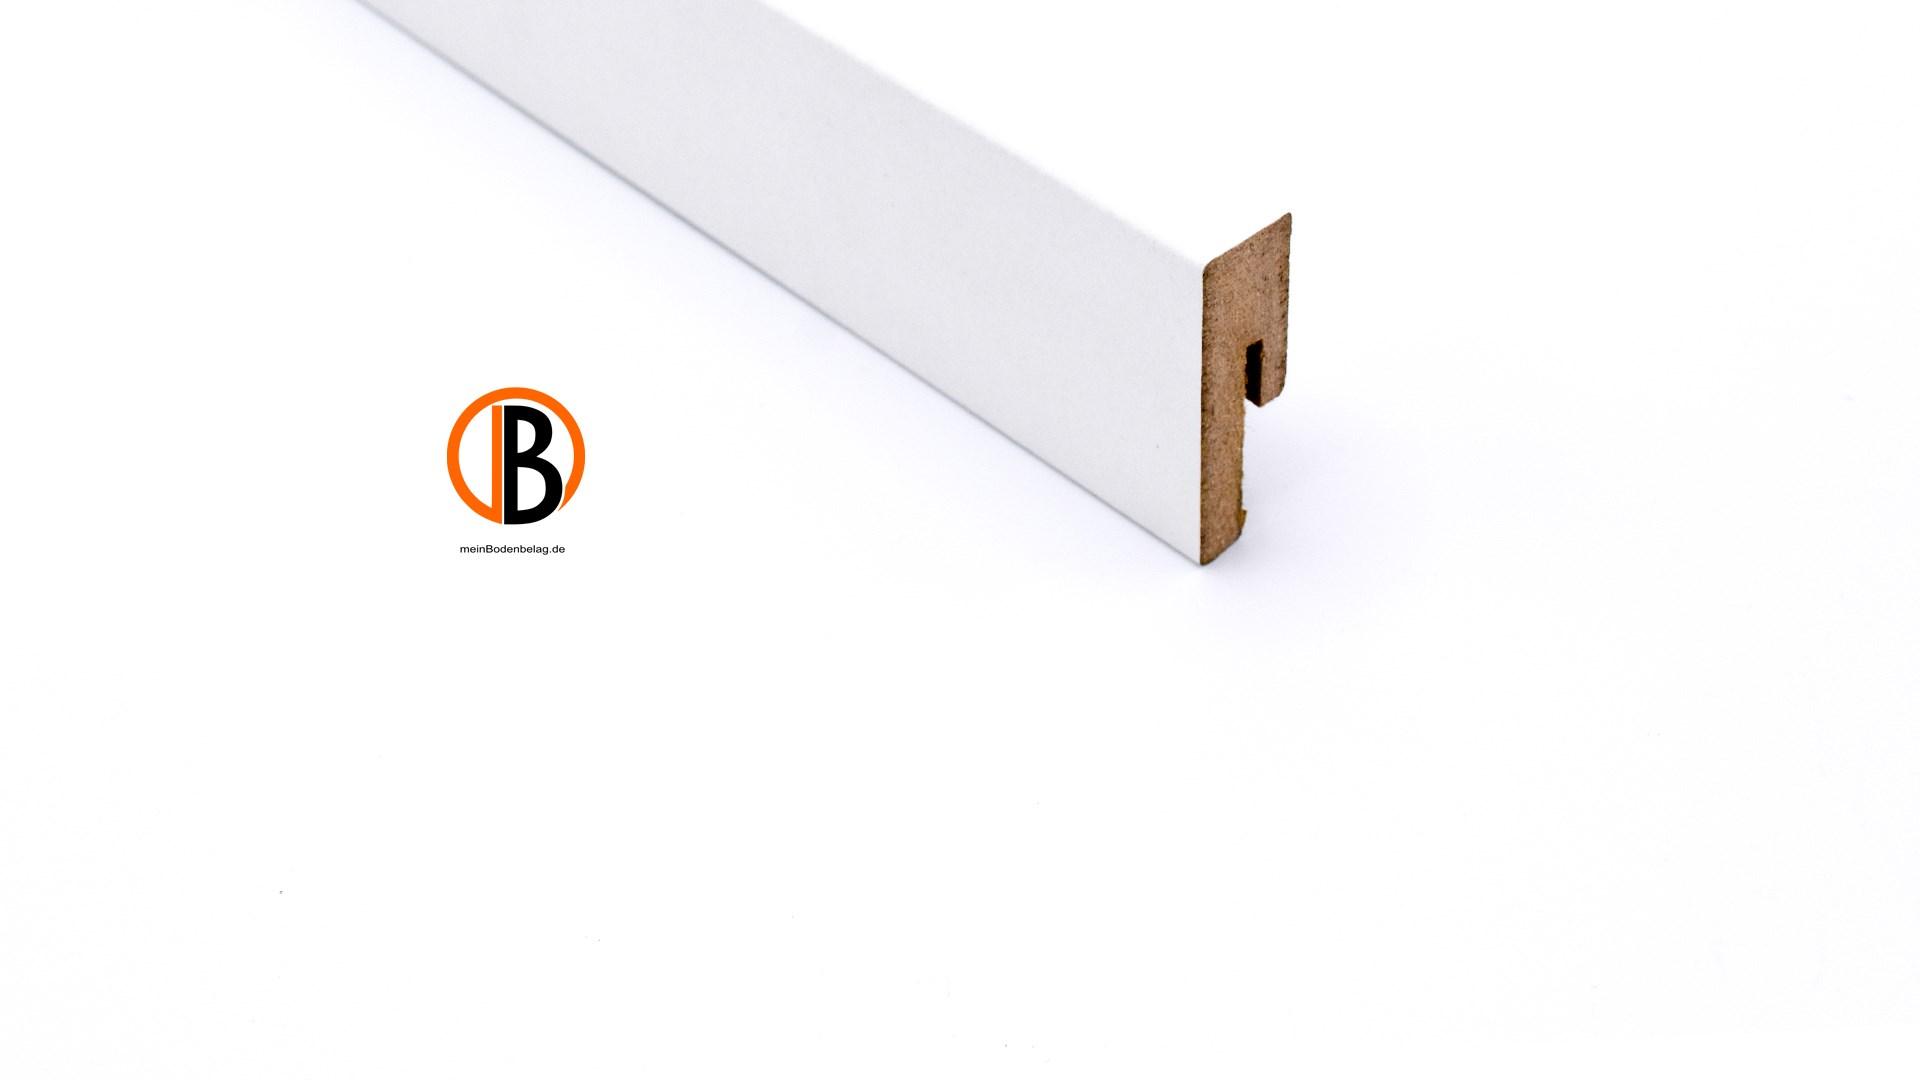 muster - schöner wohnen sockelleiste 1 weiß 16x50mm, 2,57m